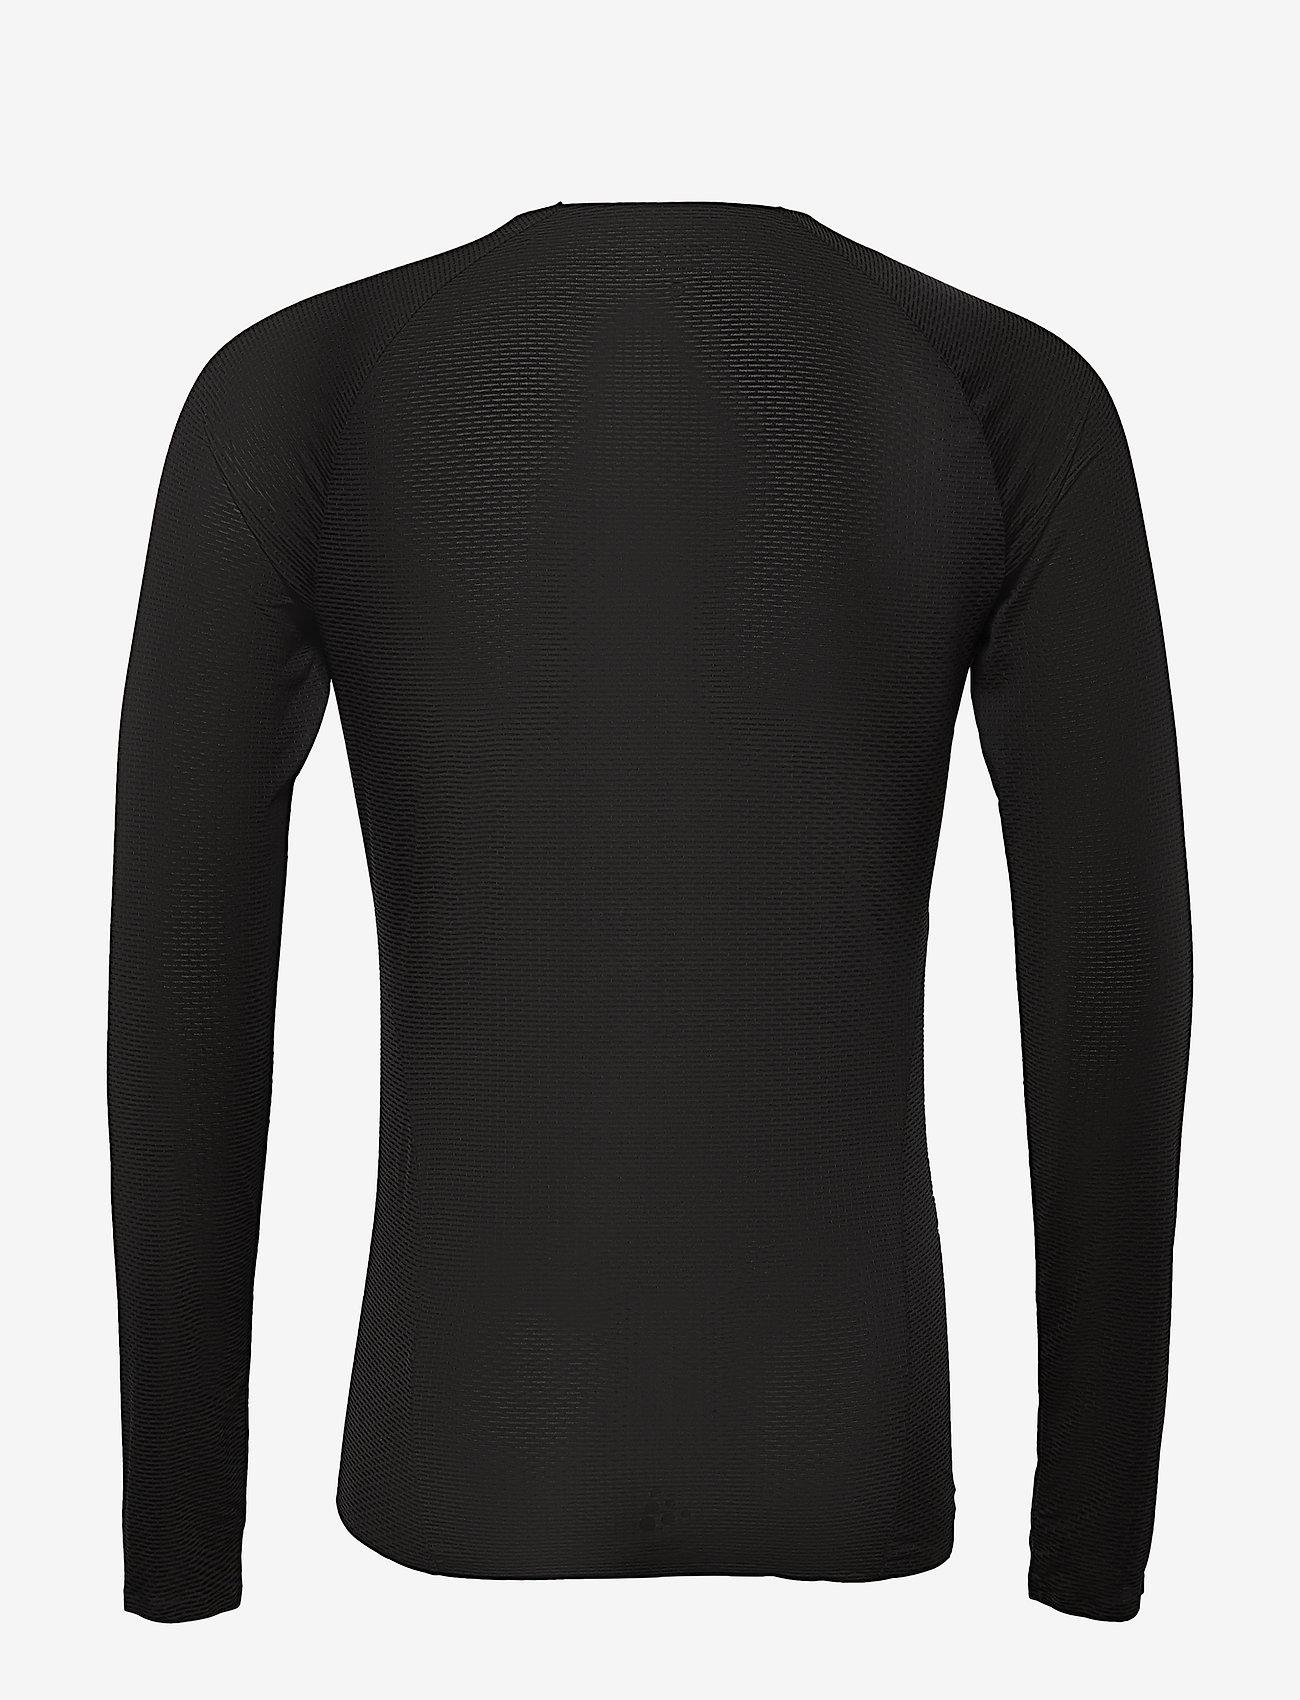 Craft - PRO DRY NANOWEIGHT LS M - bluzki z długim rękawem - black - 1